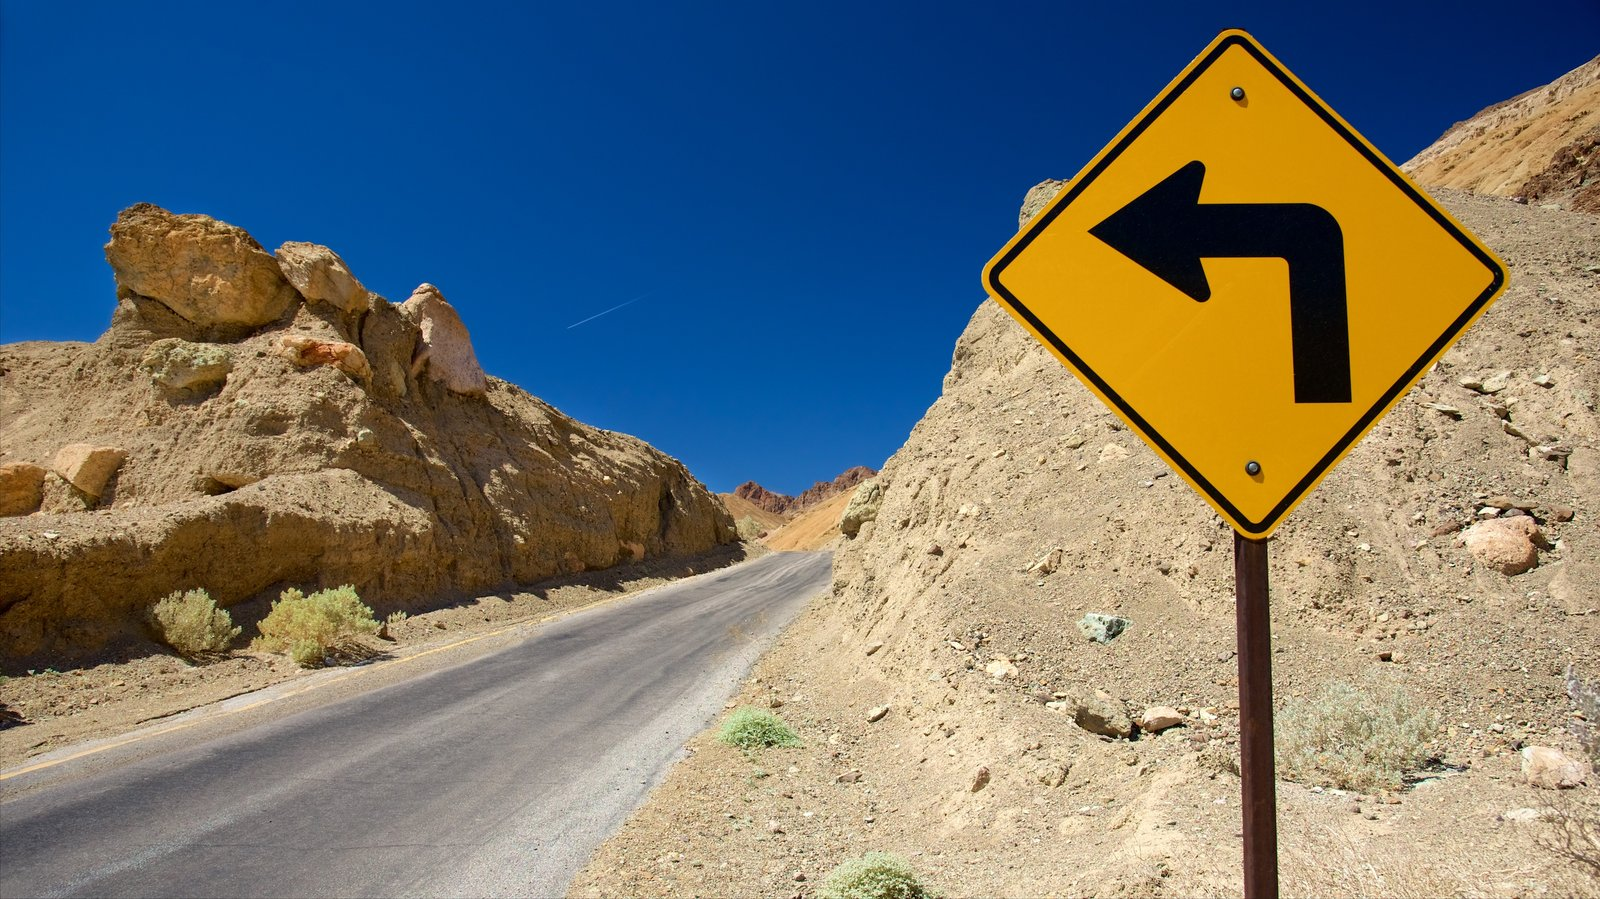 Vale da Morte caracterizando sinalização e cenas tranquilas